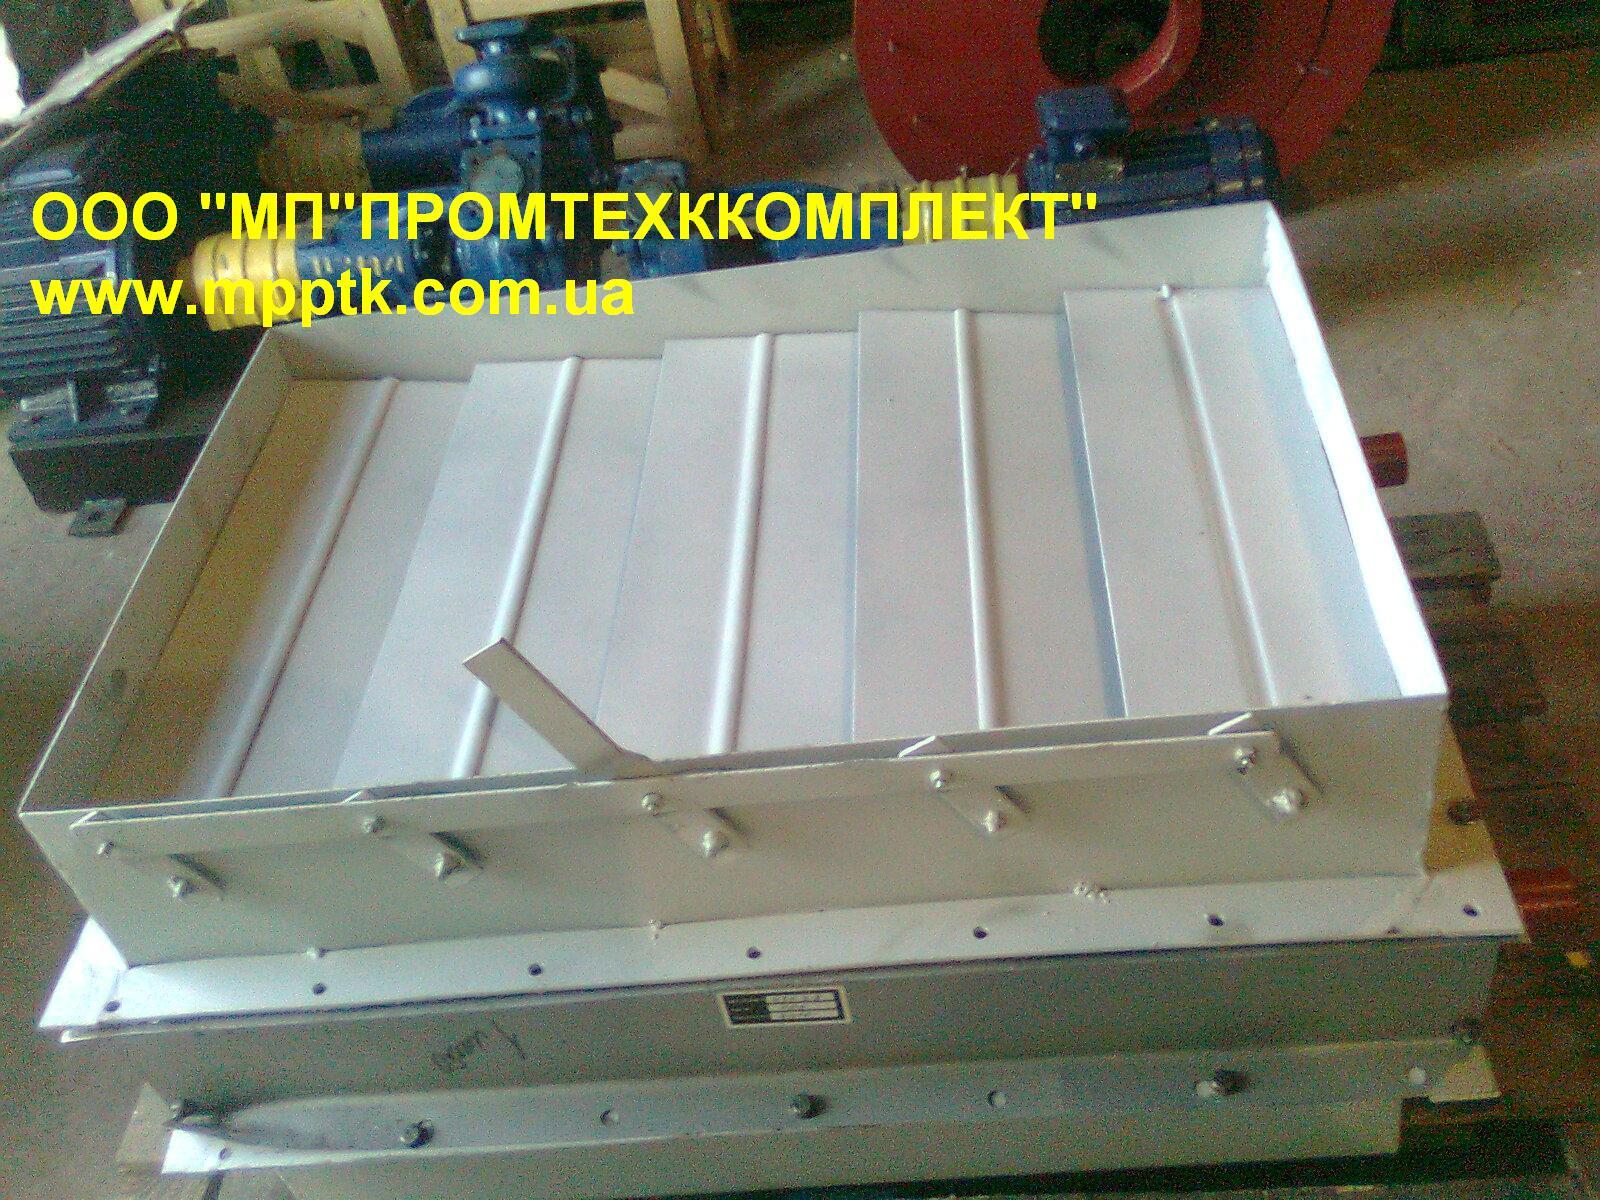 Отопительный агрегат купить изготовление продажа недорого низкая цена Украина